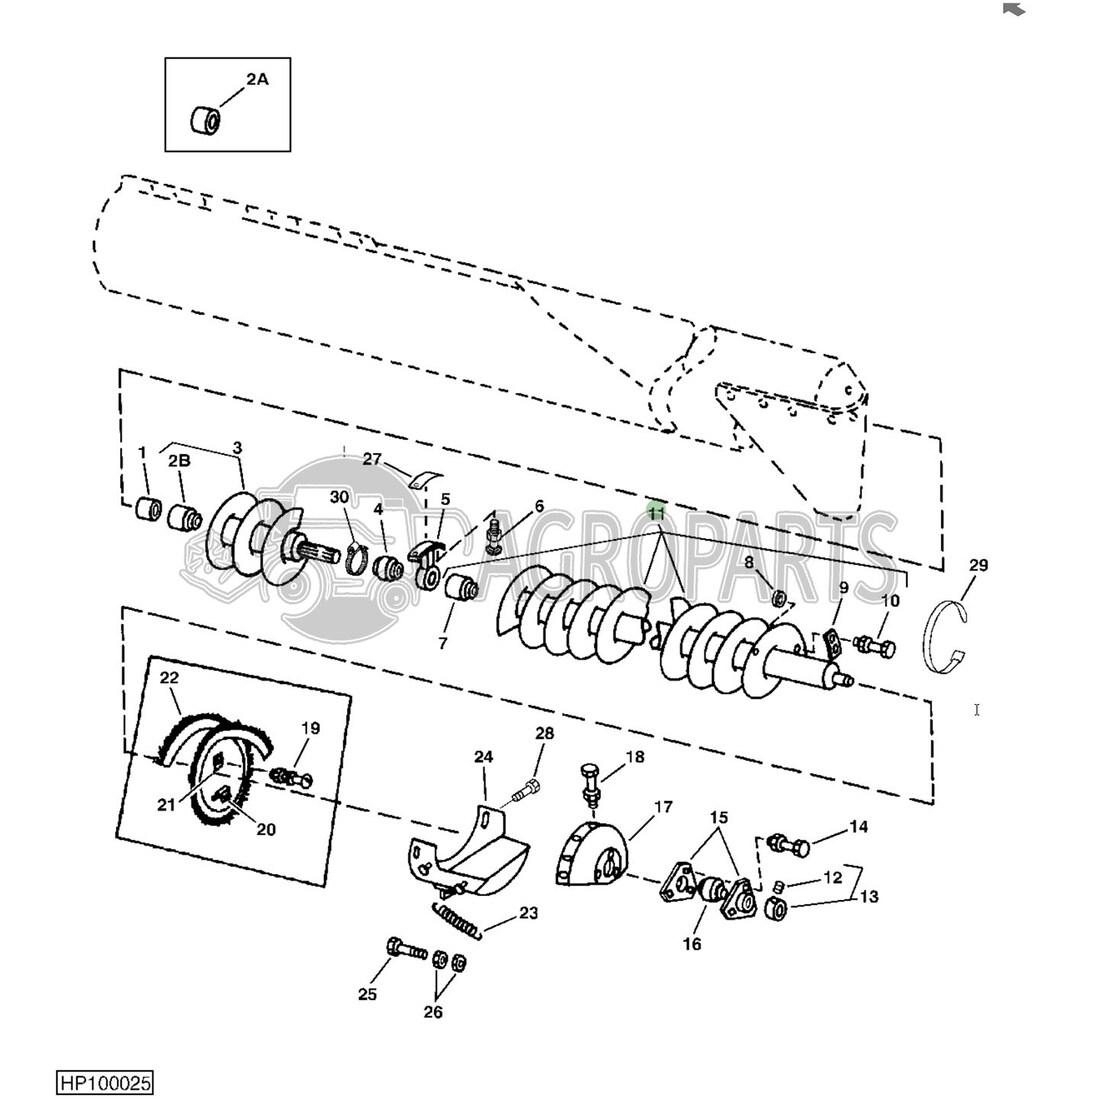 Horizontal unloading auger for John Deere combines